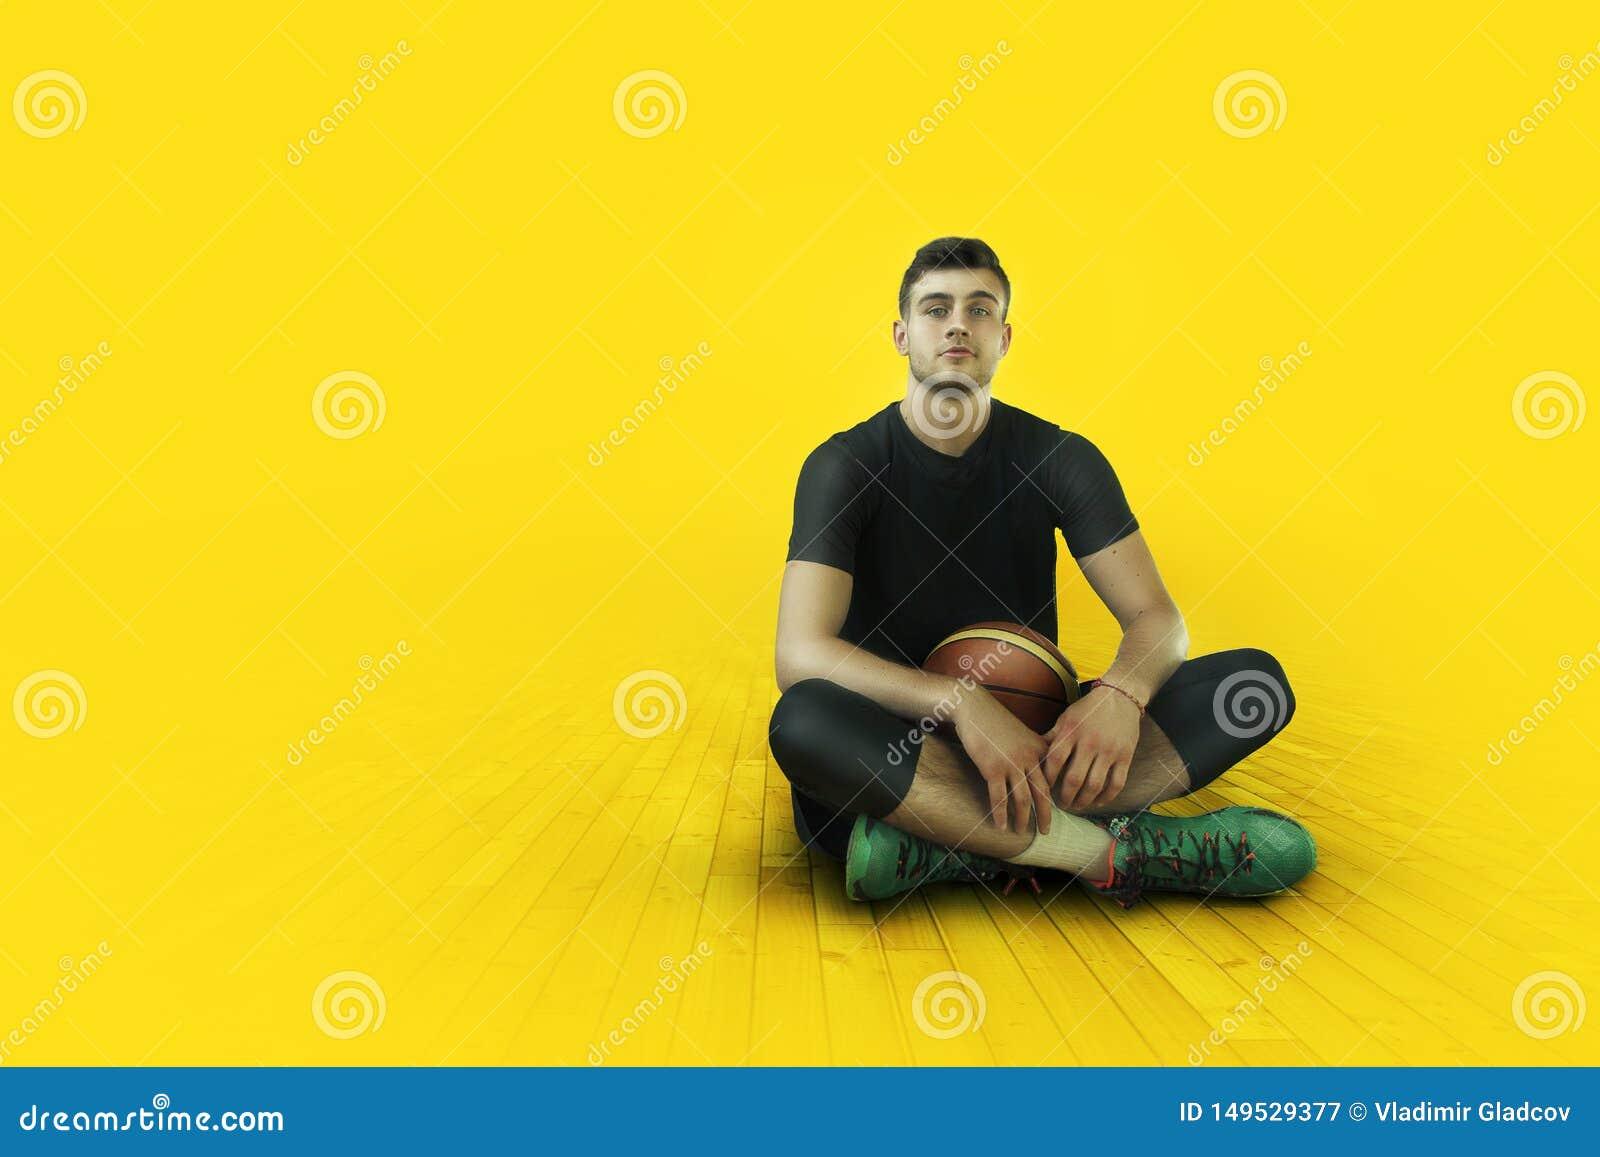 Basketballer novo do desportista na luz vermelha do contraste